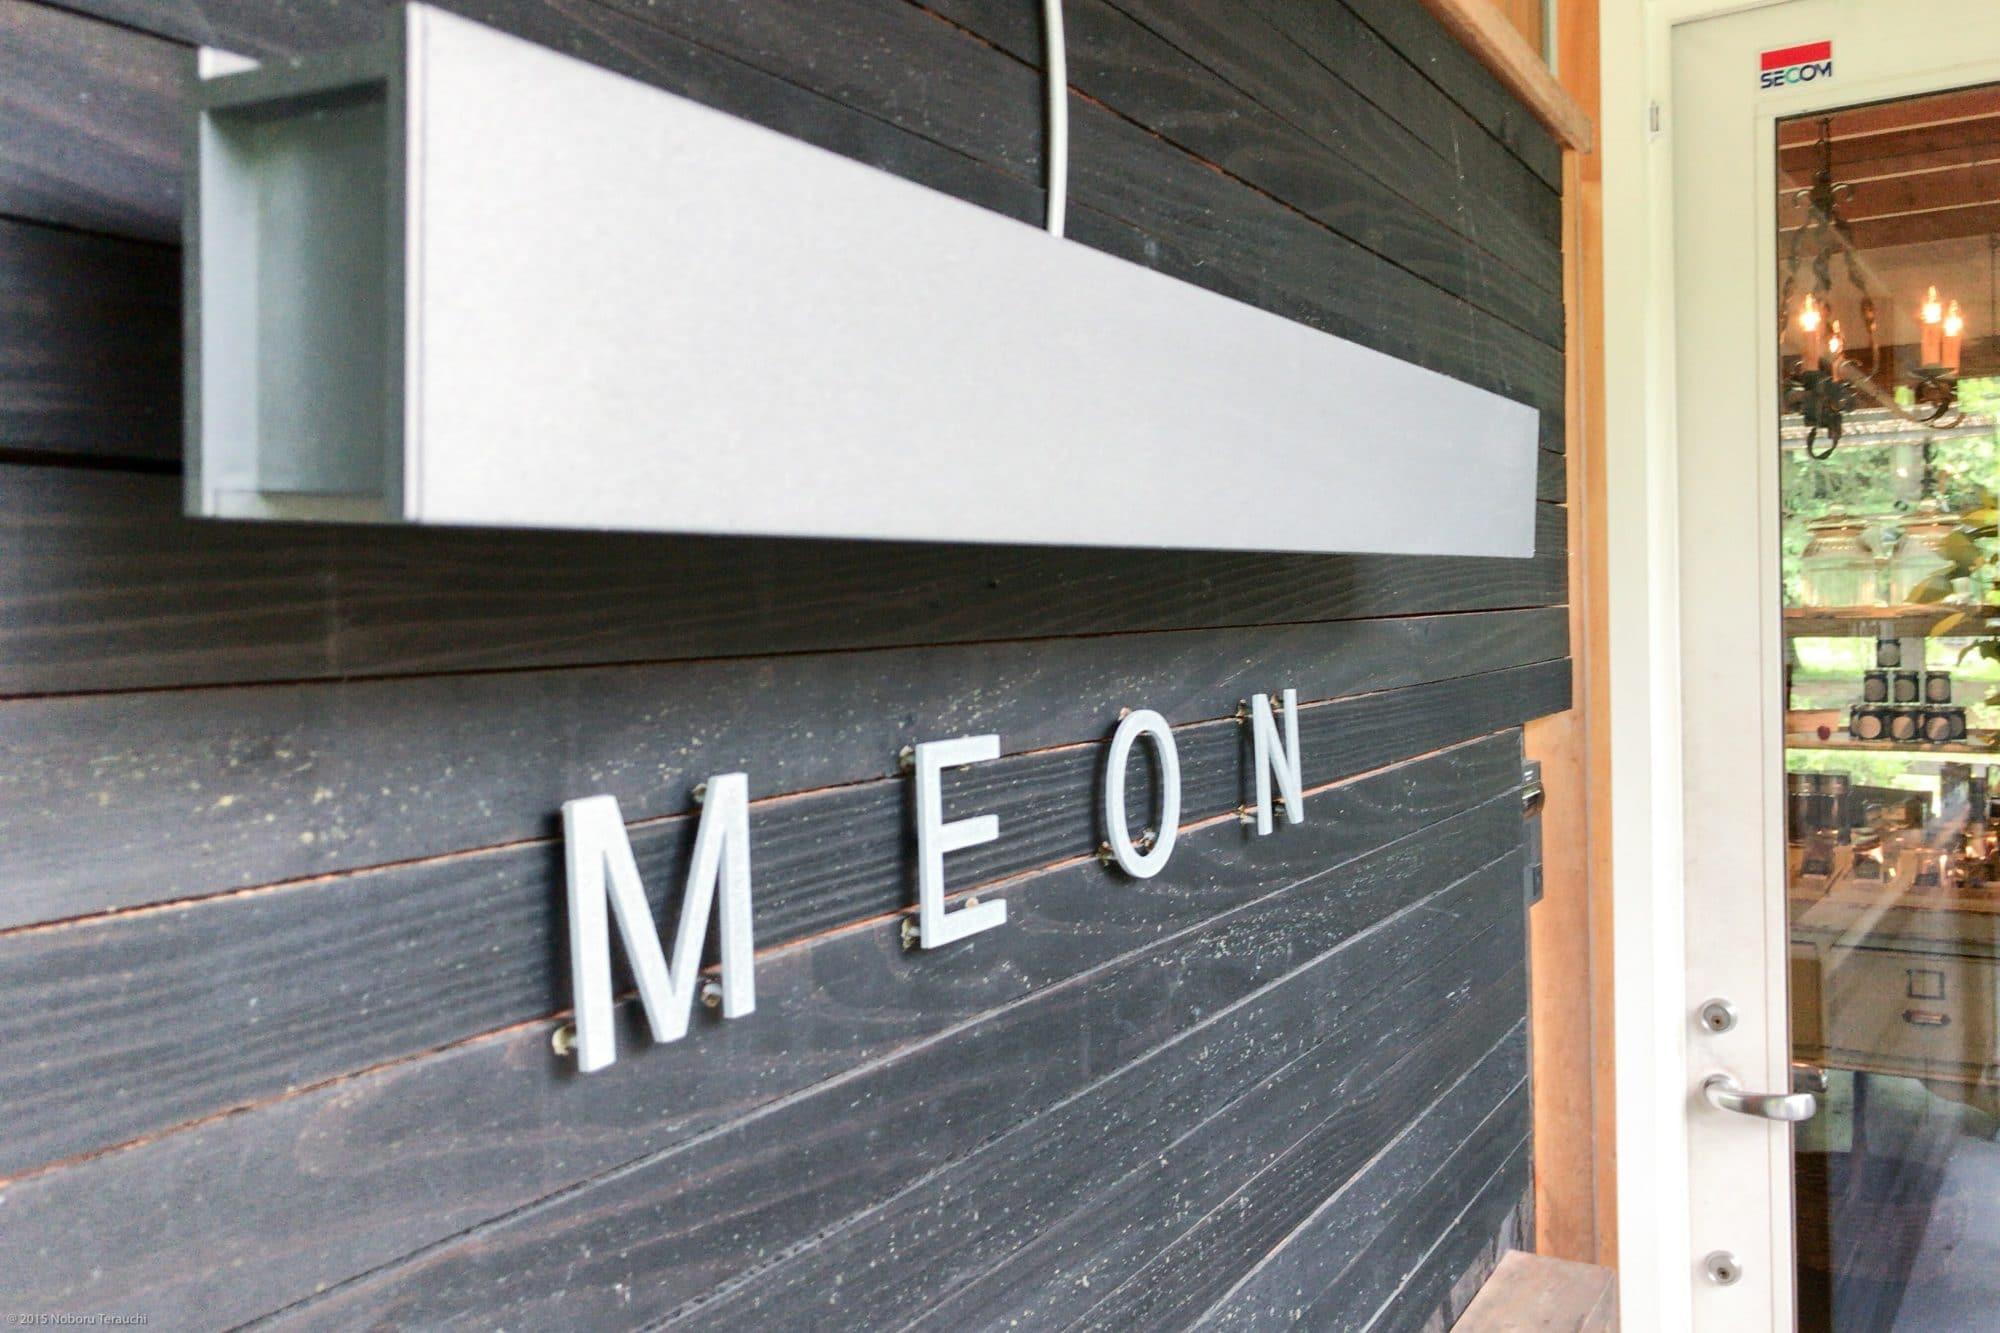 ミオンガーデン(レストラン)@MEON農苑(千歳市)でココット料理・フラムクーヘン料理を味わう